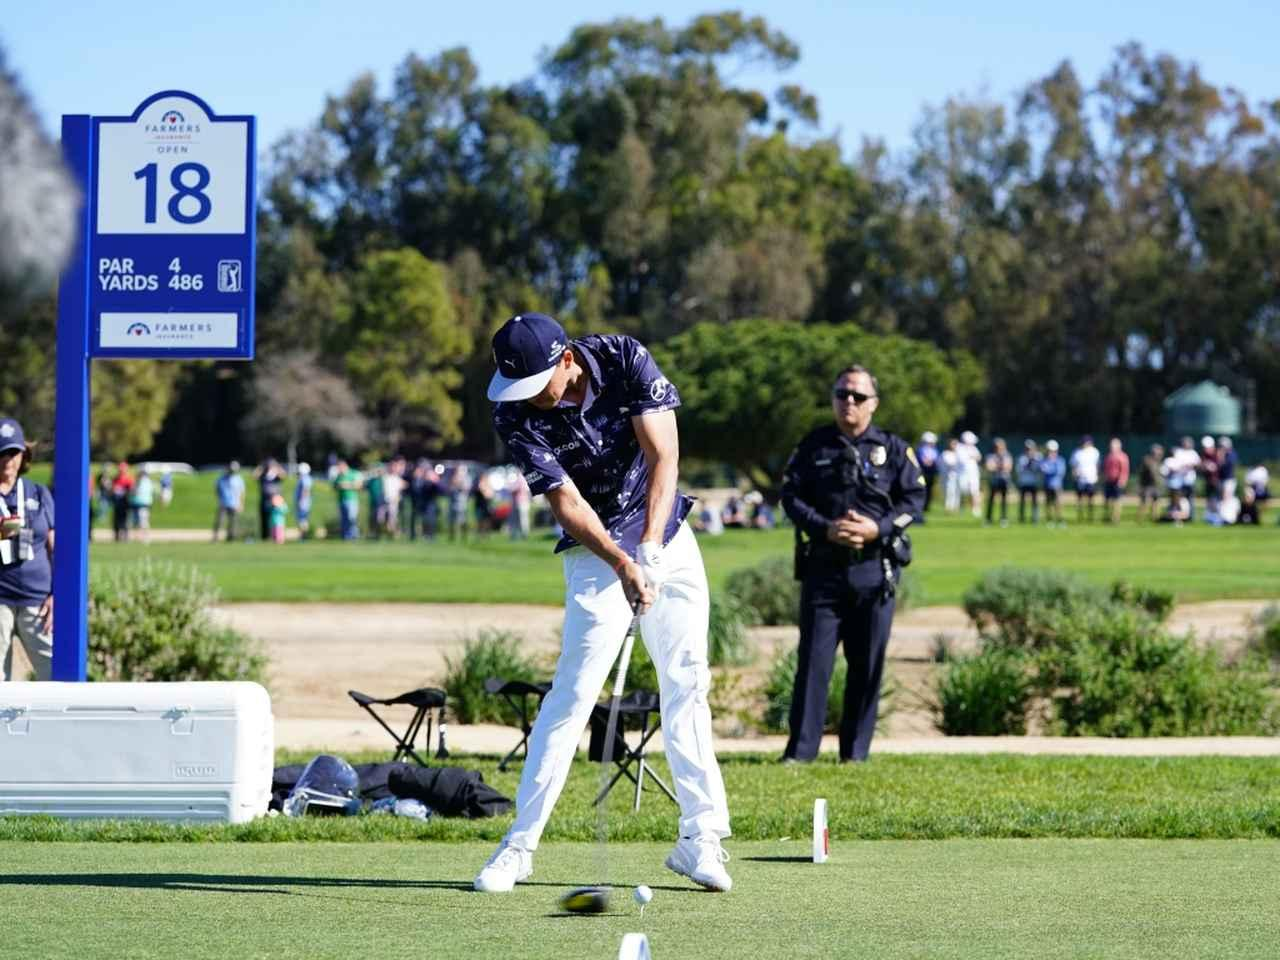 画像25: 【ギア研究】PGAツアートップ選手のレプリカドライバーを組んで打った。「運命のシャフトとヘッド」見つけ方